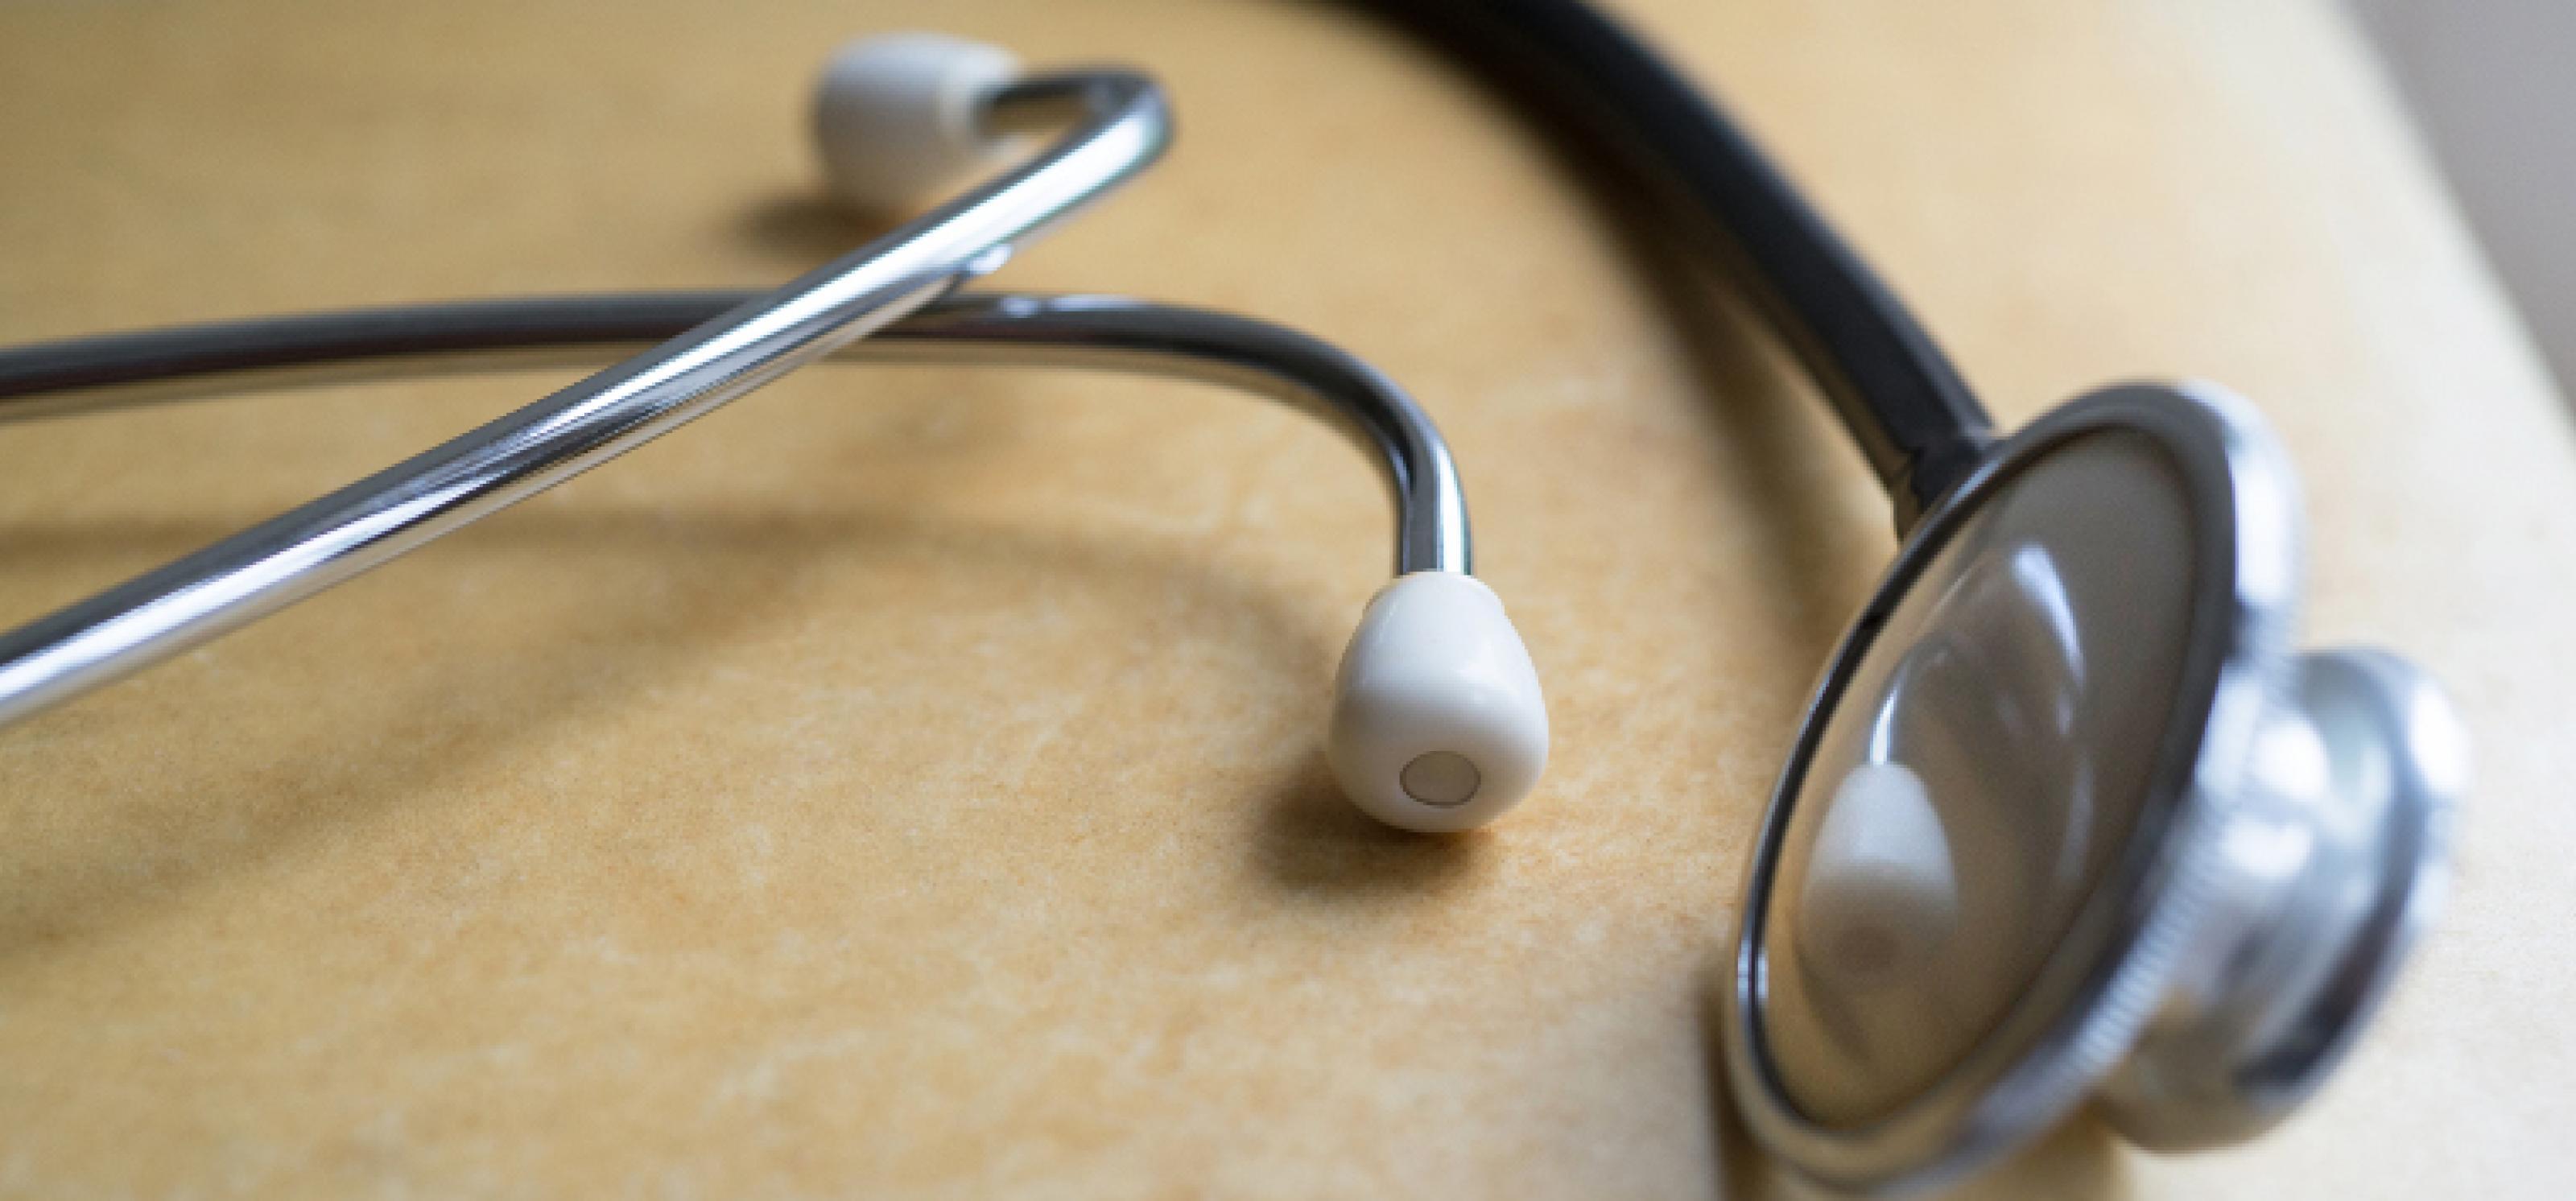 Ein Stethoskop liegt auf einem Arztkoffer